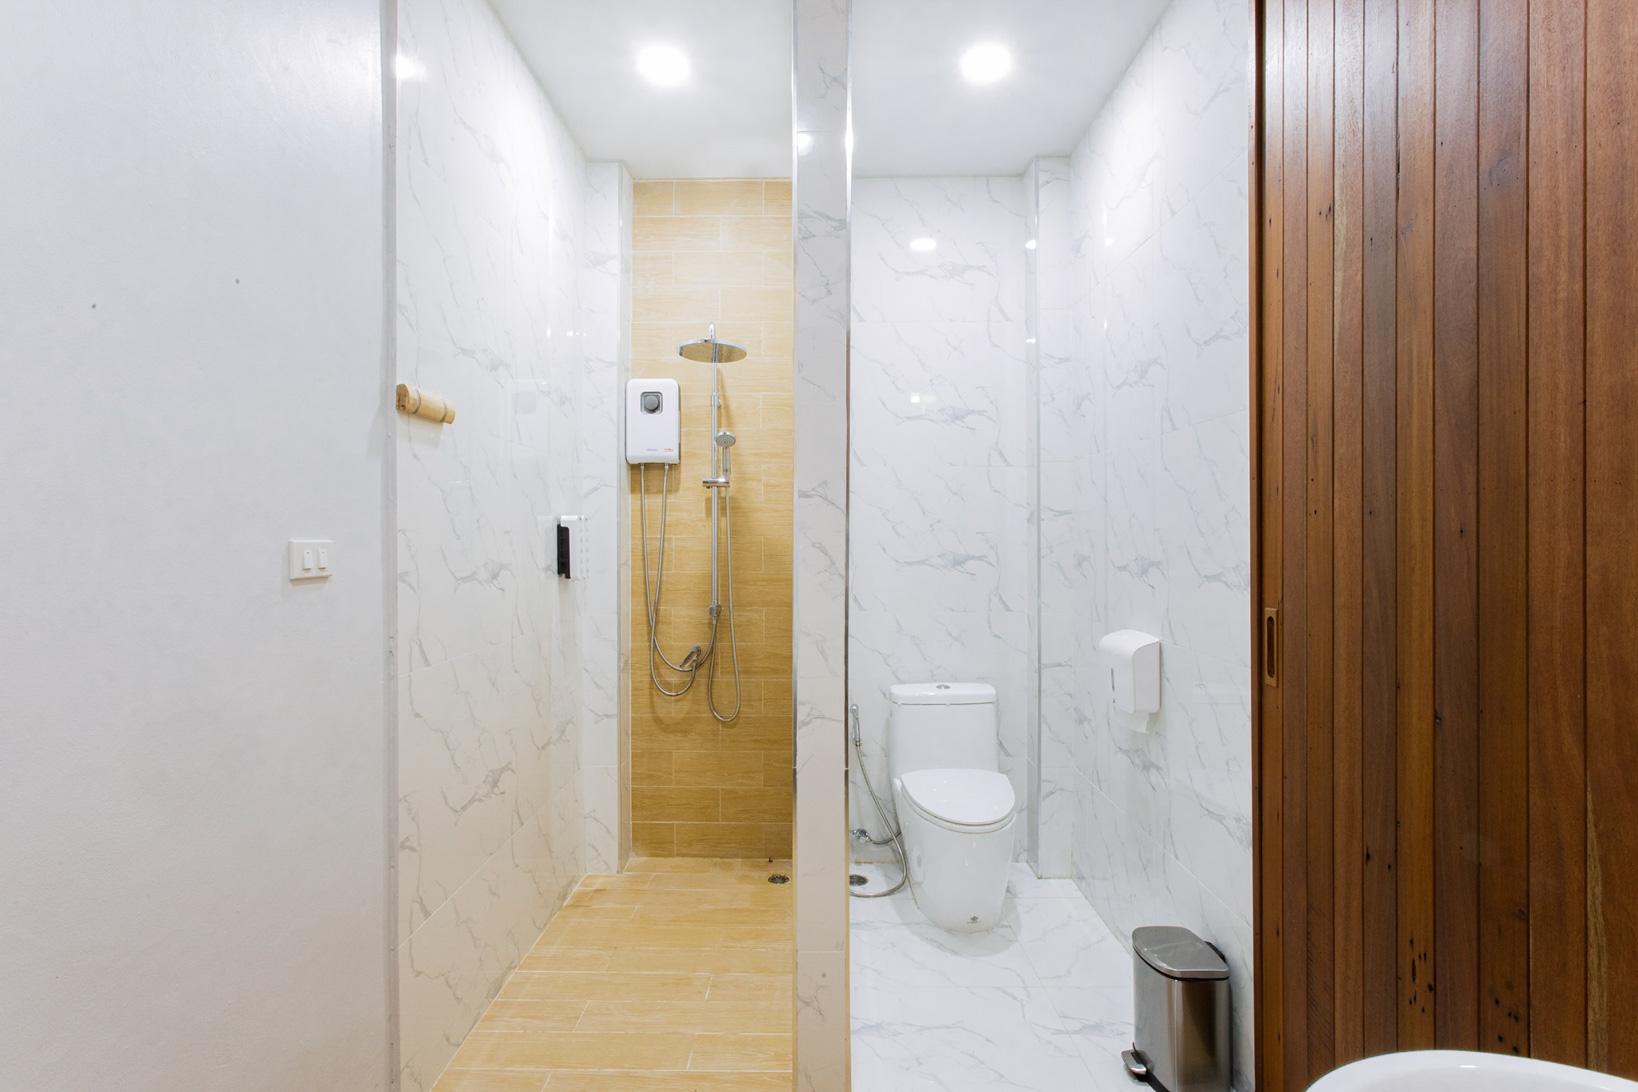 ห้องน้ำใช้อุปกรณ์และวัสดุเฟอร์นิเจอร์อย่างดีเลยครับ  บ้านขุนเล,ขุนเลคอฟฟี่,ลานสกา,นครศรี,ที่พักเปิดใหม่,รีสอร์ท